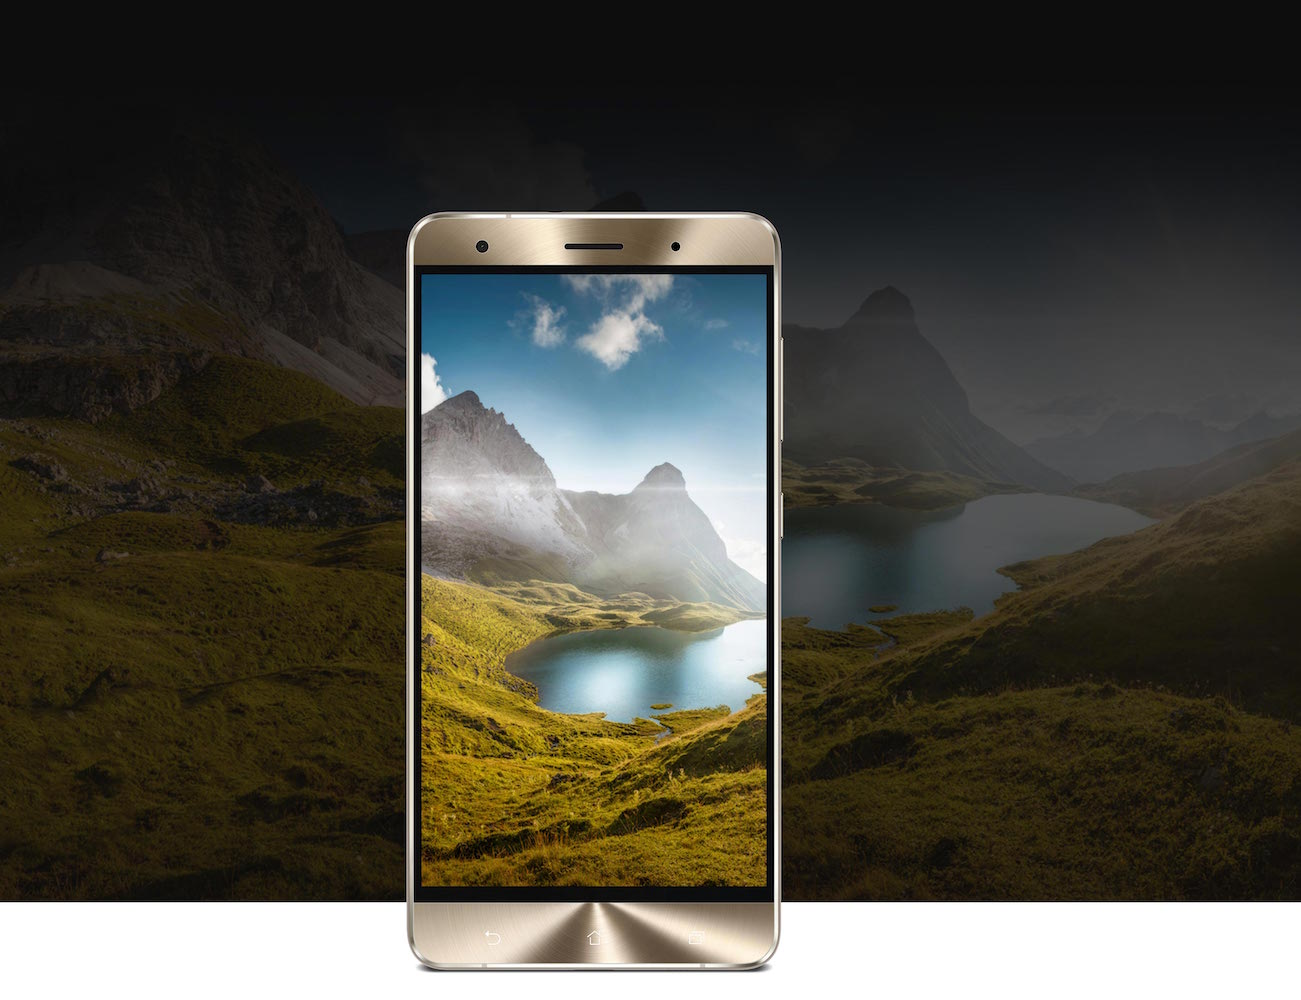 ASUS ZenFone 3 Deluxe Smartphone 03 - ASUS Zenfone 3 Deluxe Smartphone Deals